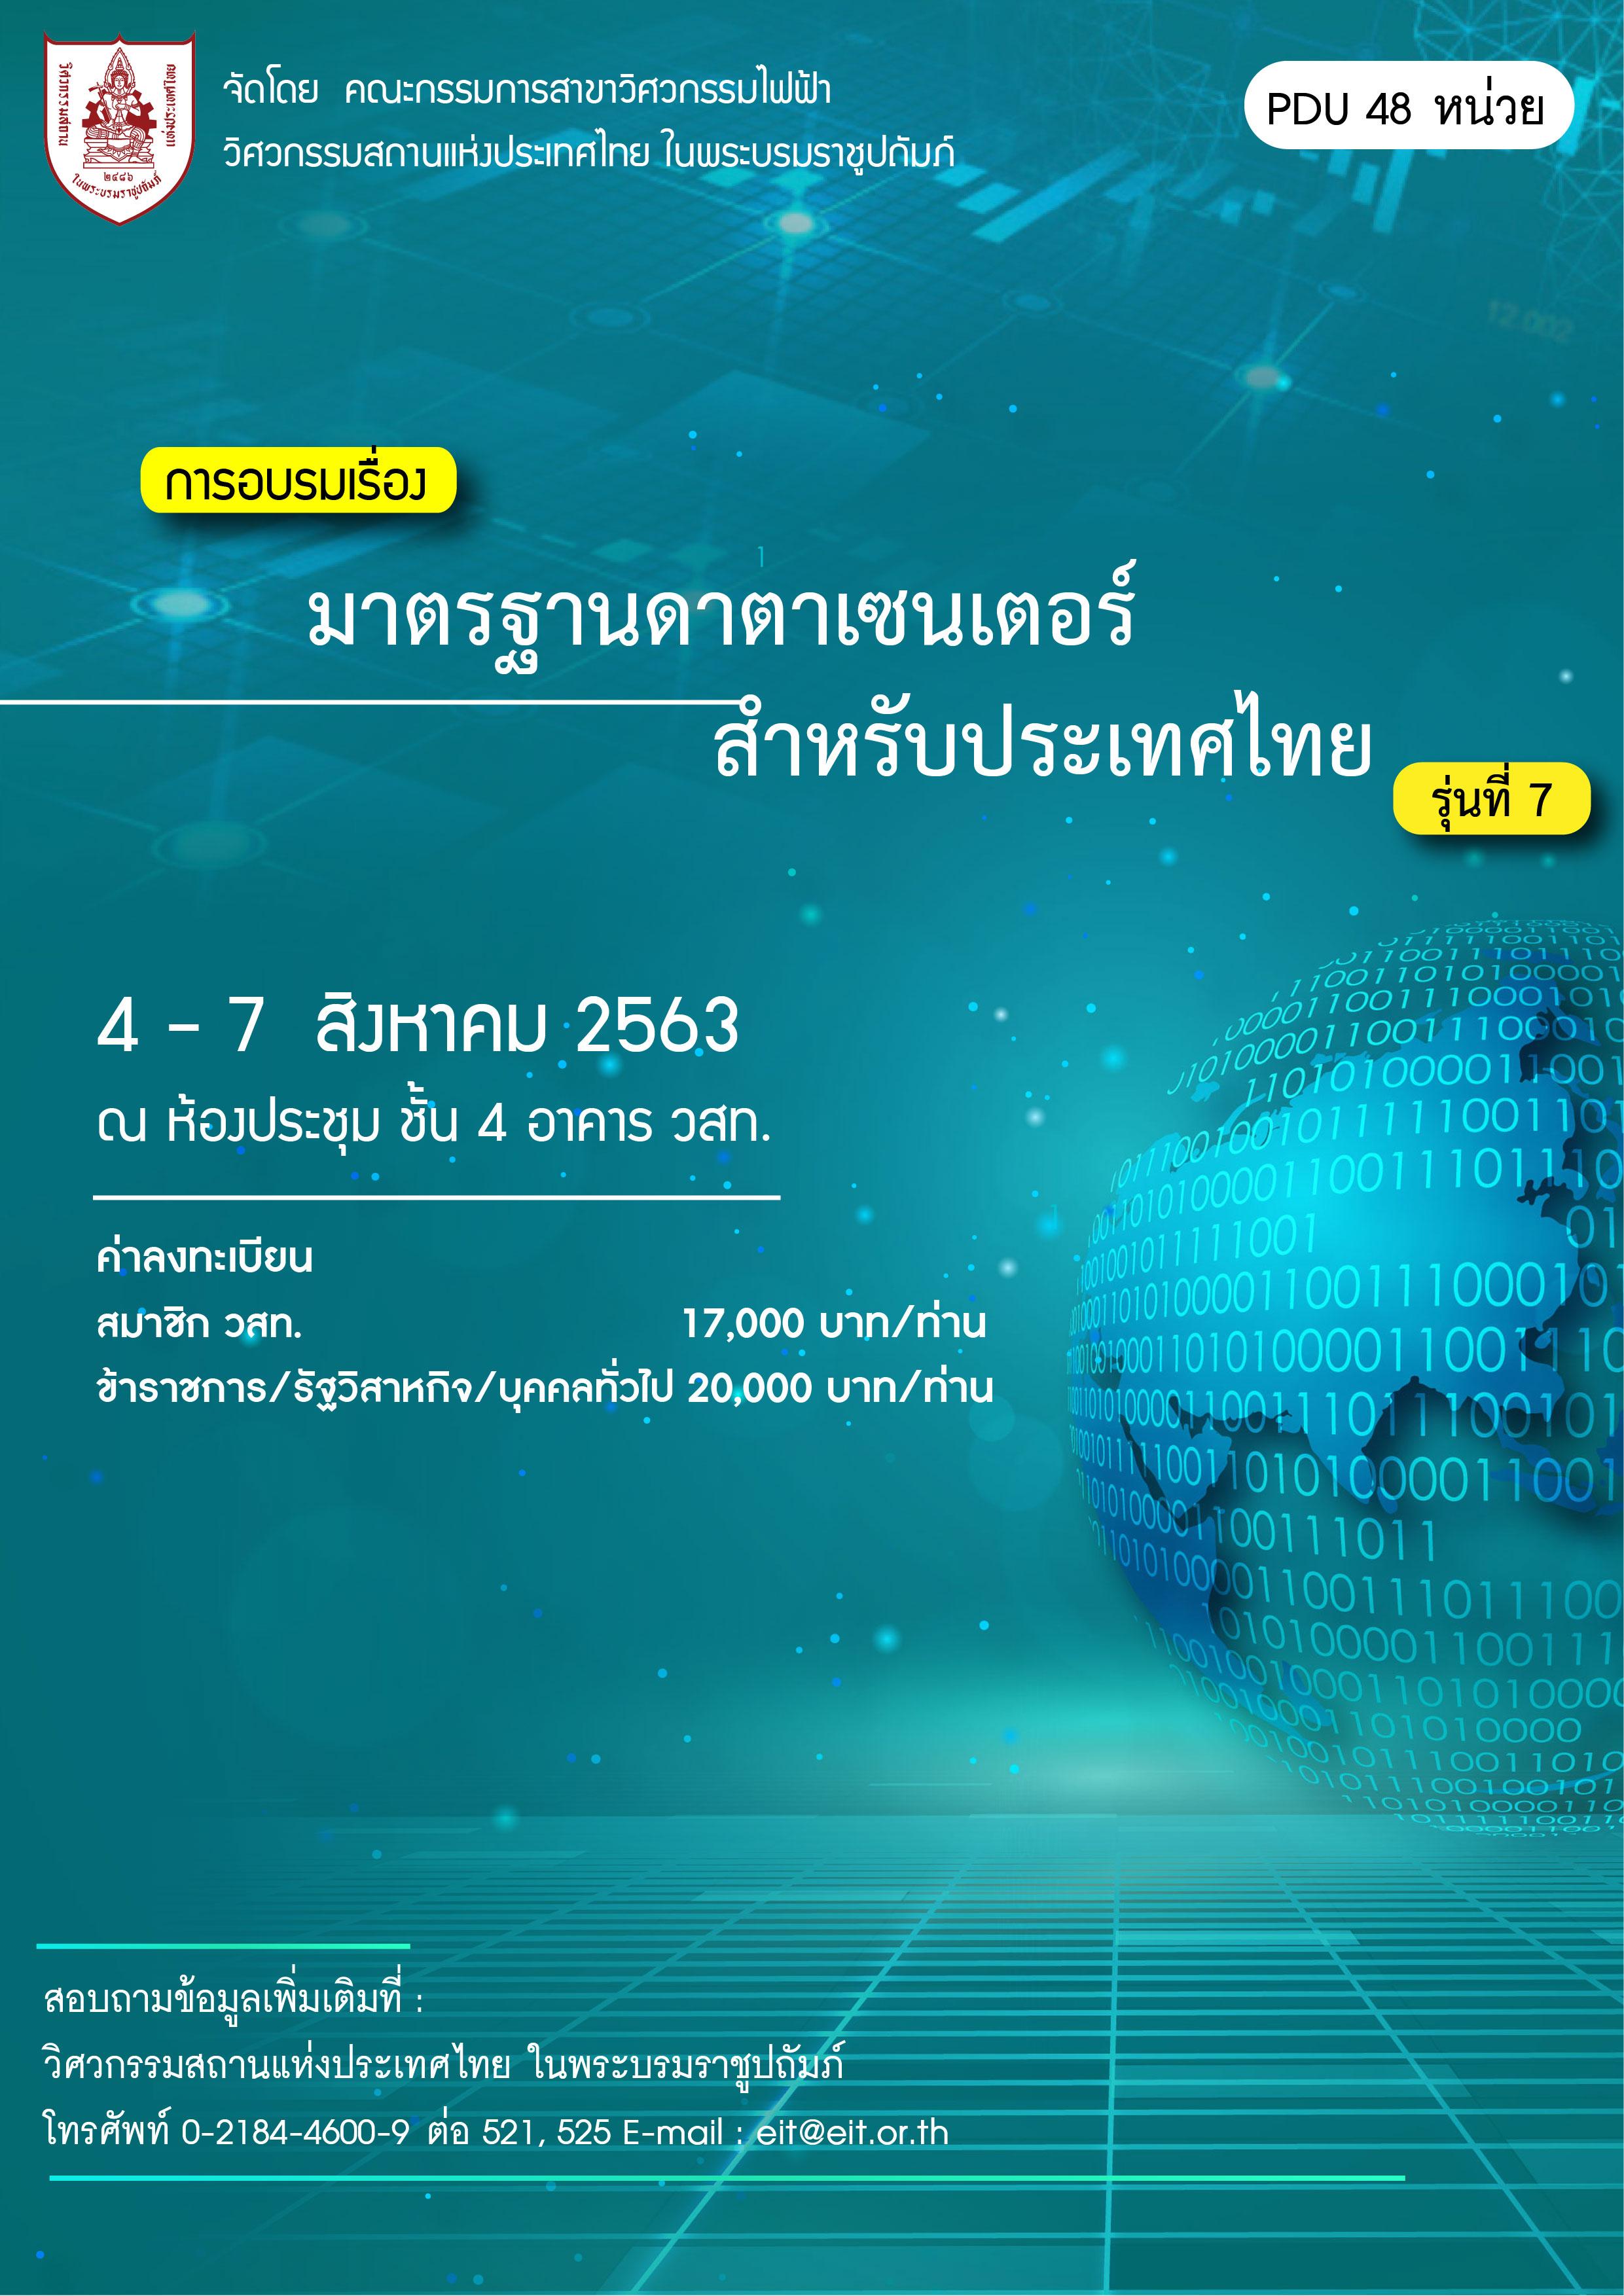 4-7/8/63 มาตรฐานดาตาเซนเตอร์สำหรับประเทศไทย รุ่นที่ 7